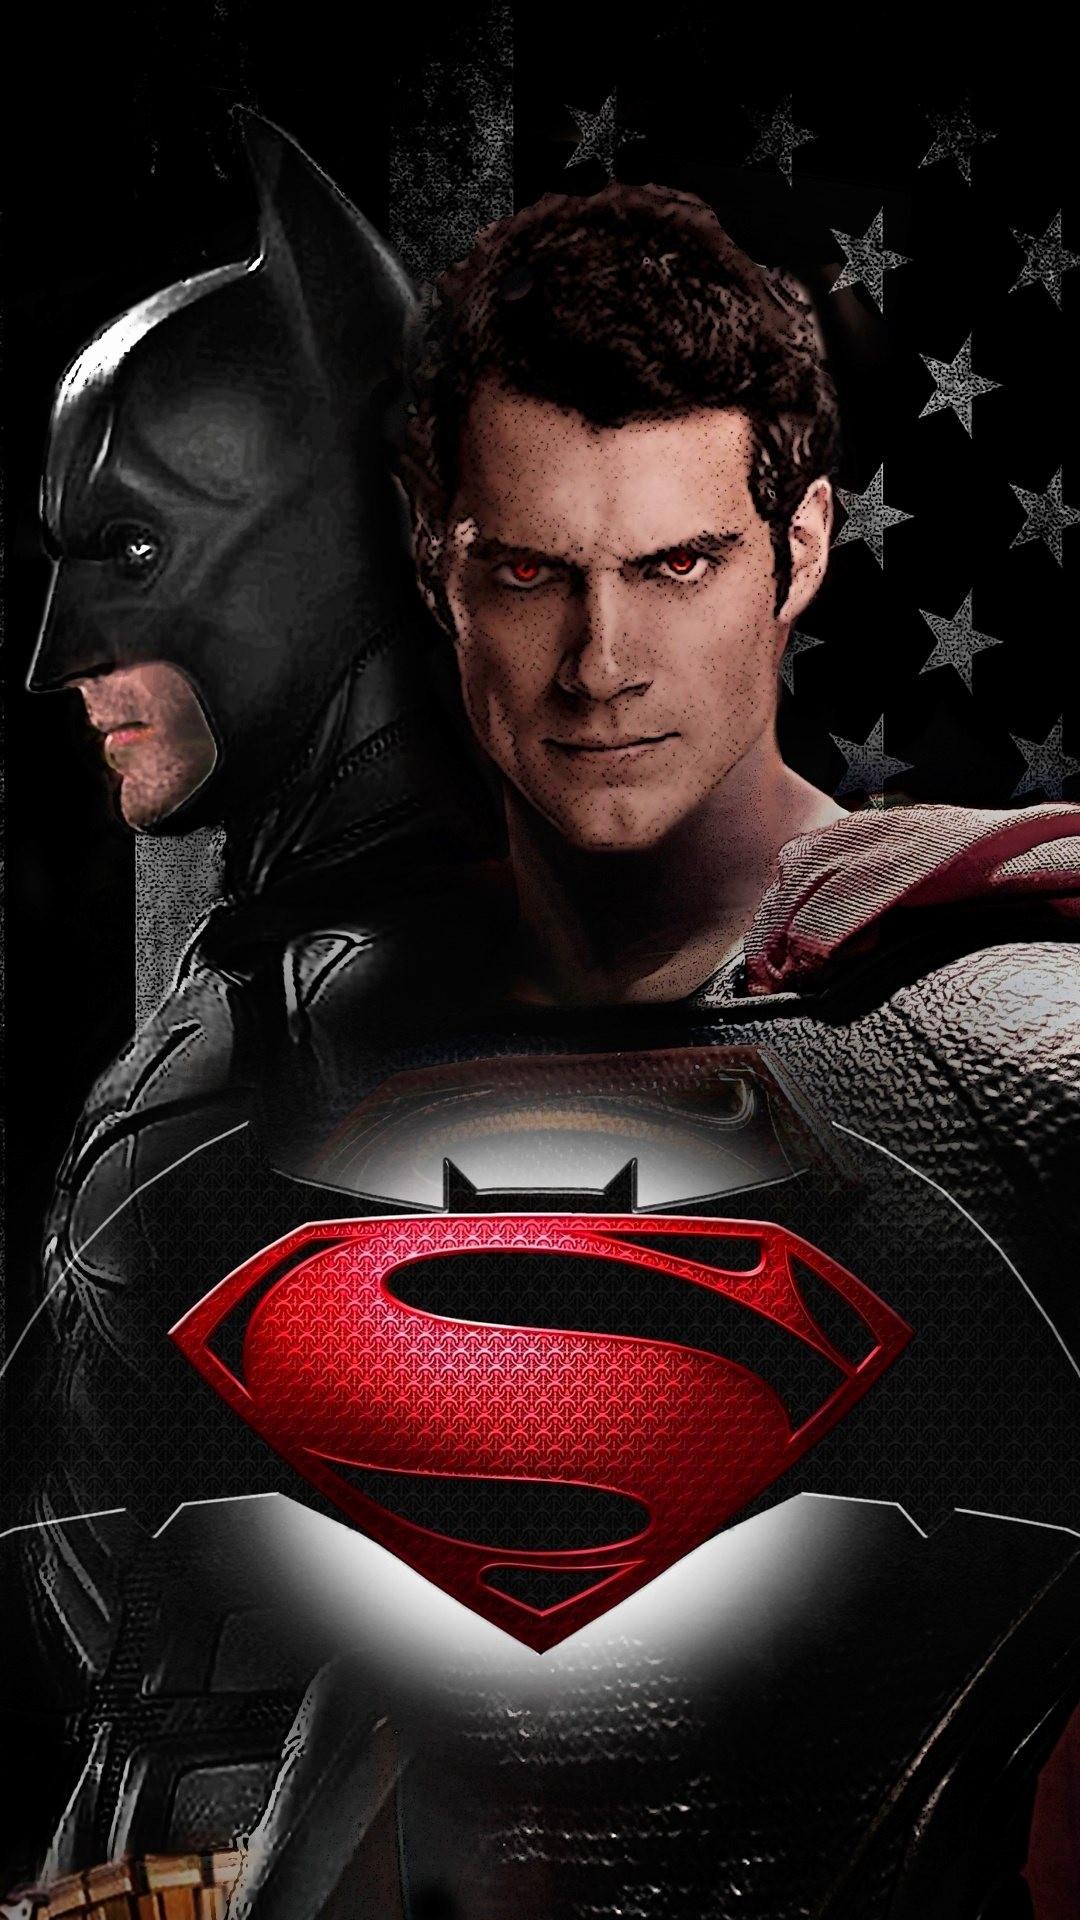 Download Wallpaper Batman Vs Superman Hd Wallpapers For